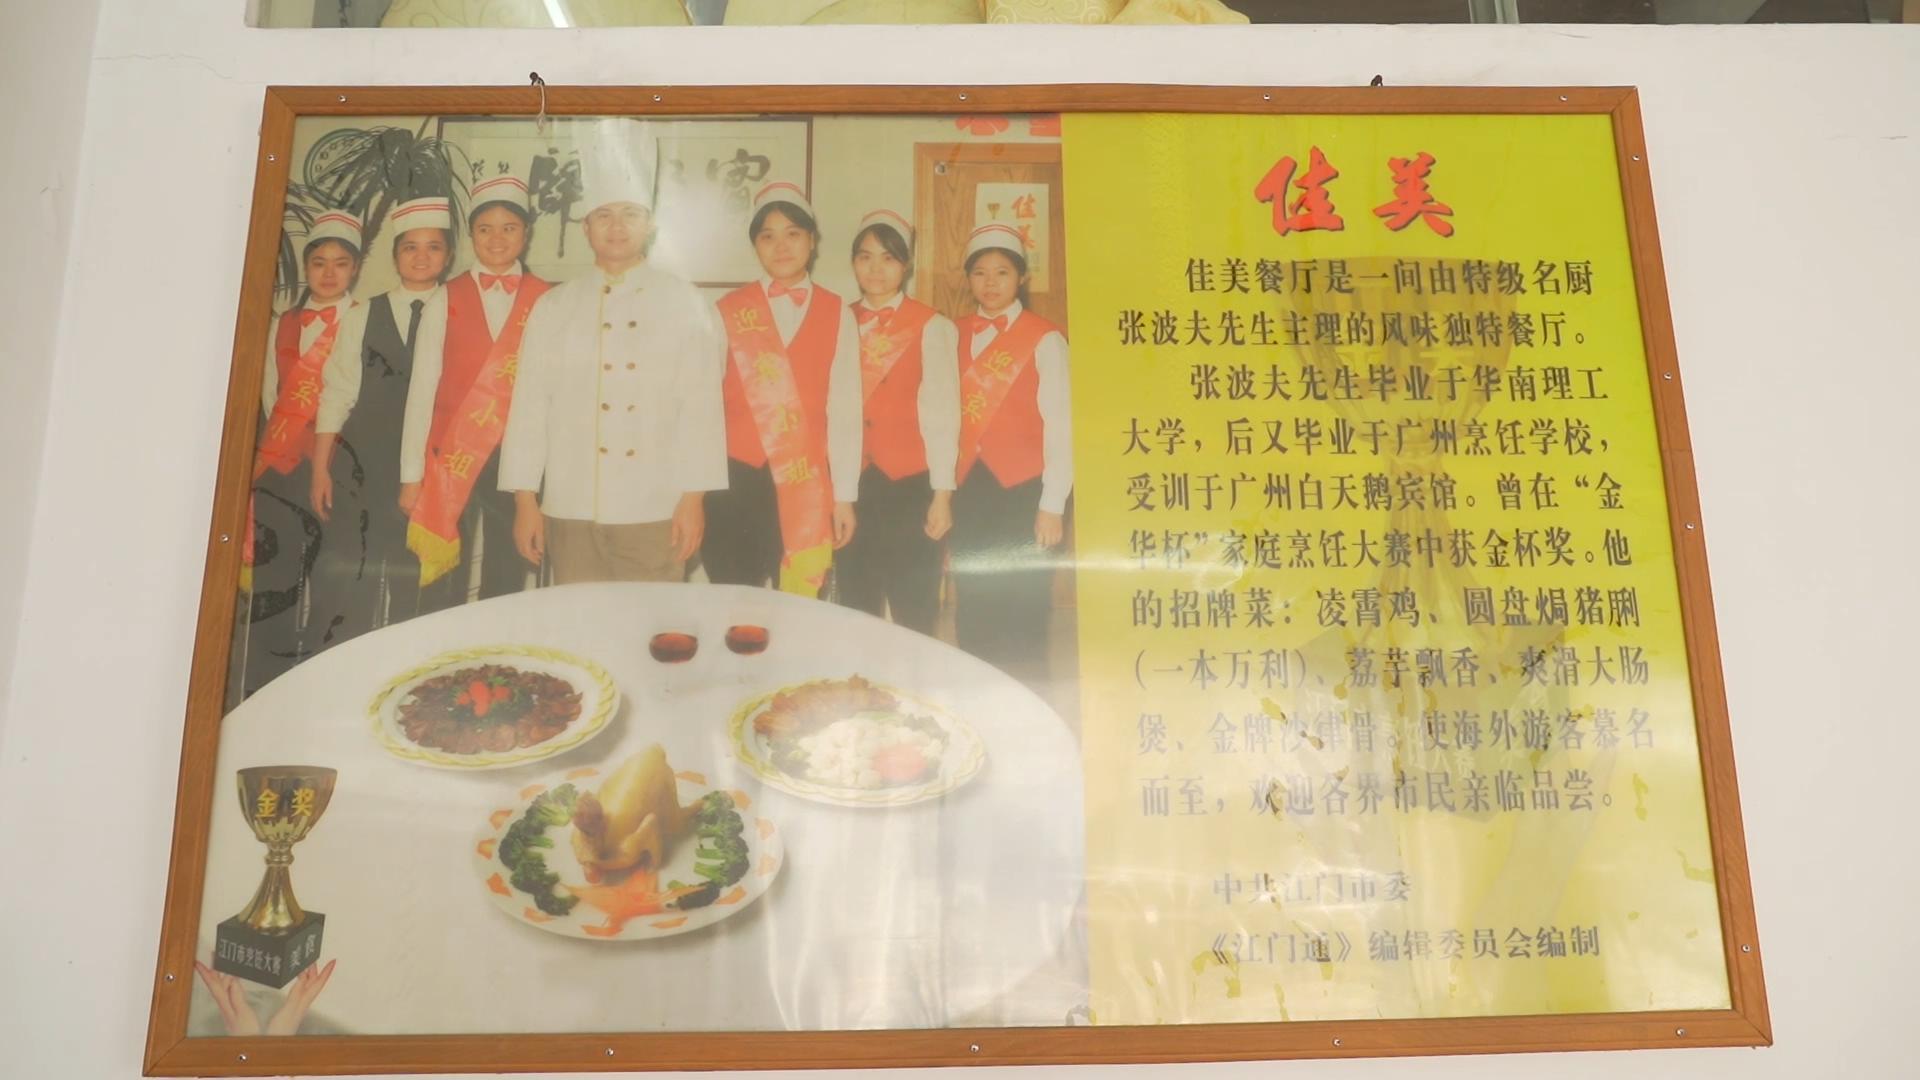 不愧是华工管理学专业毕业的特级厨师!出品很赞!员工跟老板也是亲如一家人!